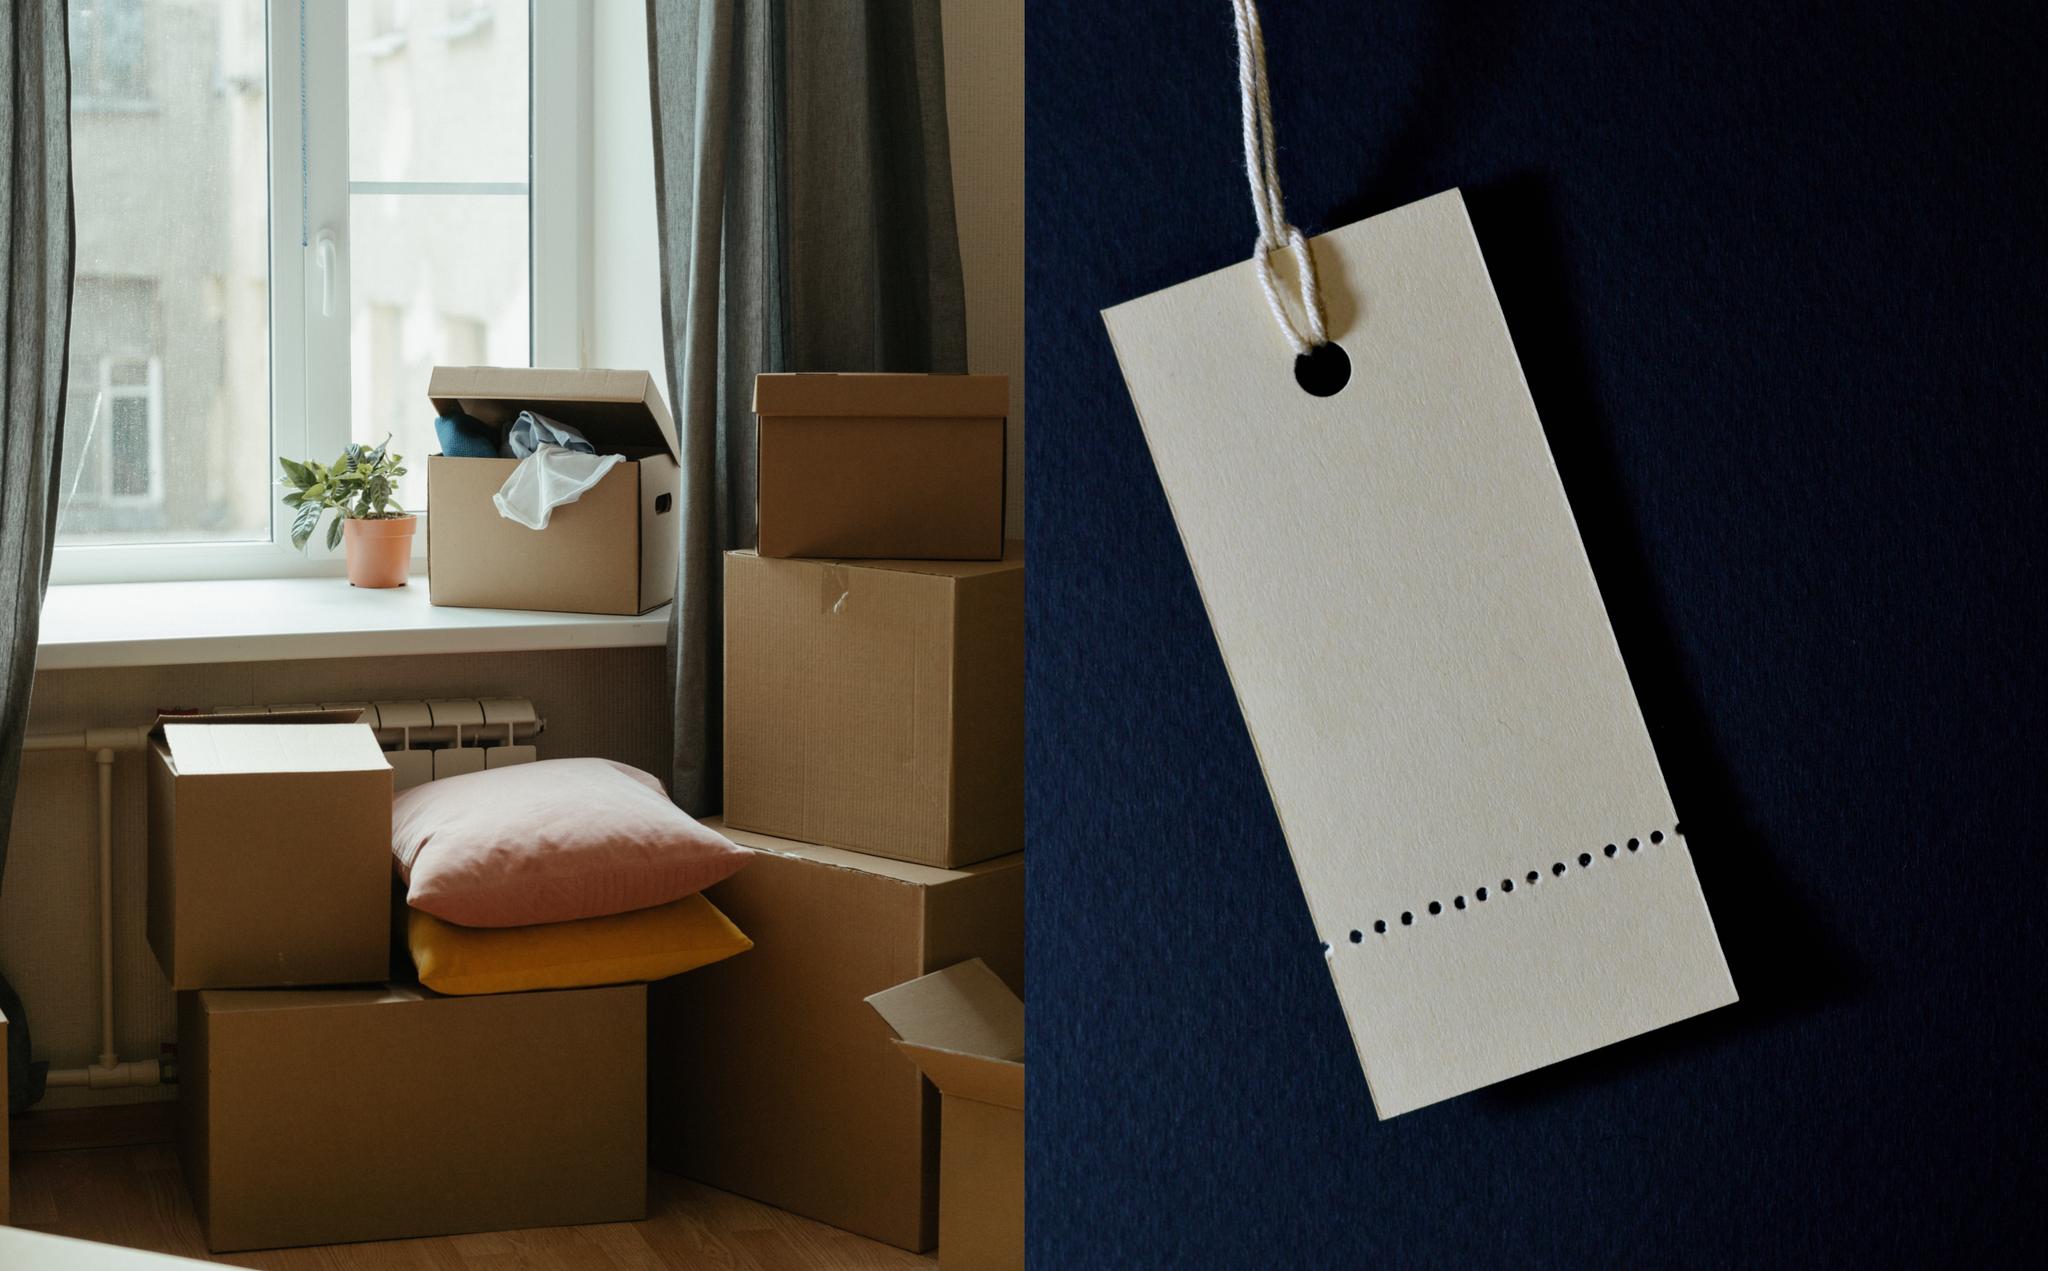 Kutije su za cipele, a etikete za odjeću